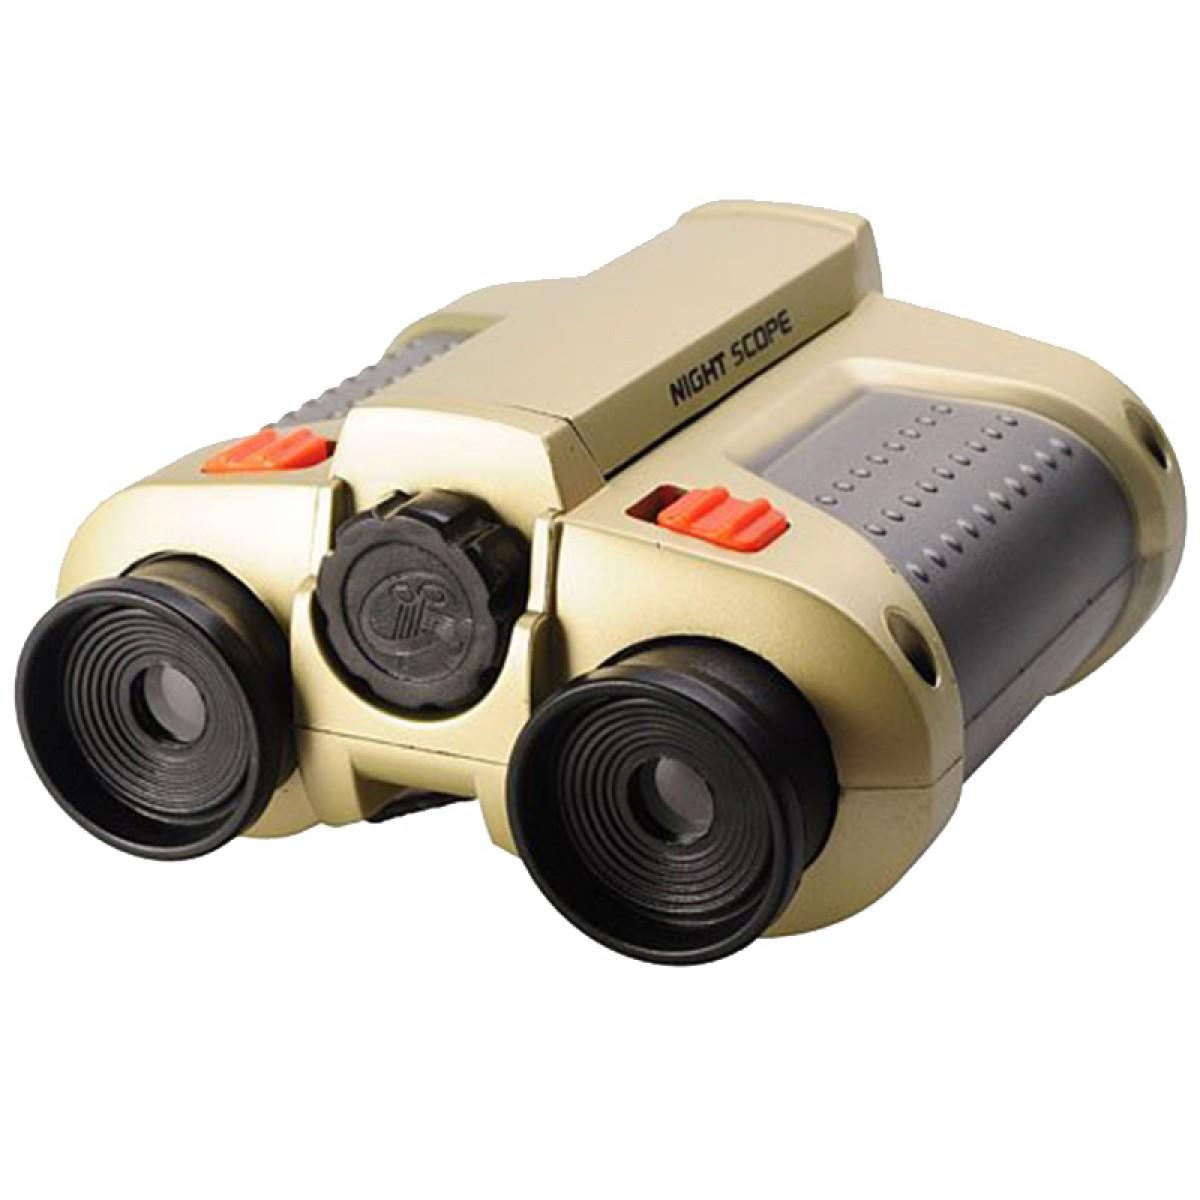 Τηλεσκοπικά κυάλια νυχτερικής παρακολούθησης 4x30mm- JYW-1226-OEM